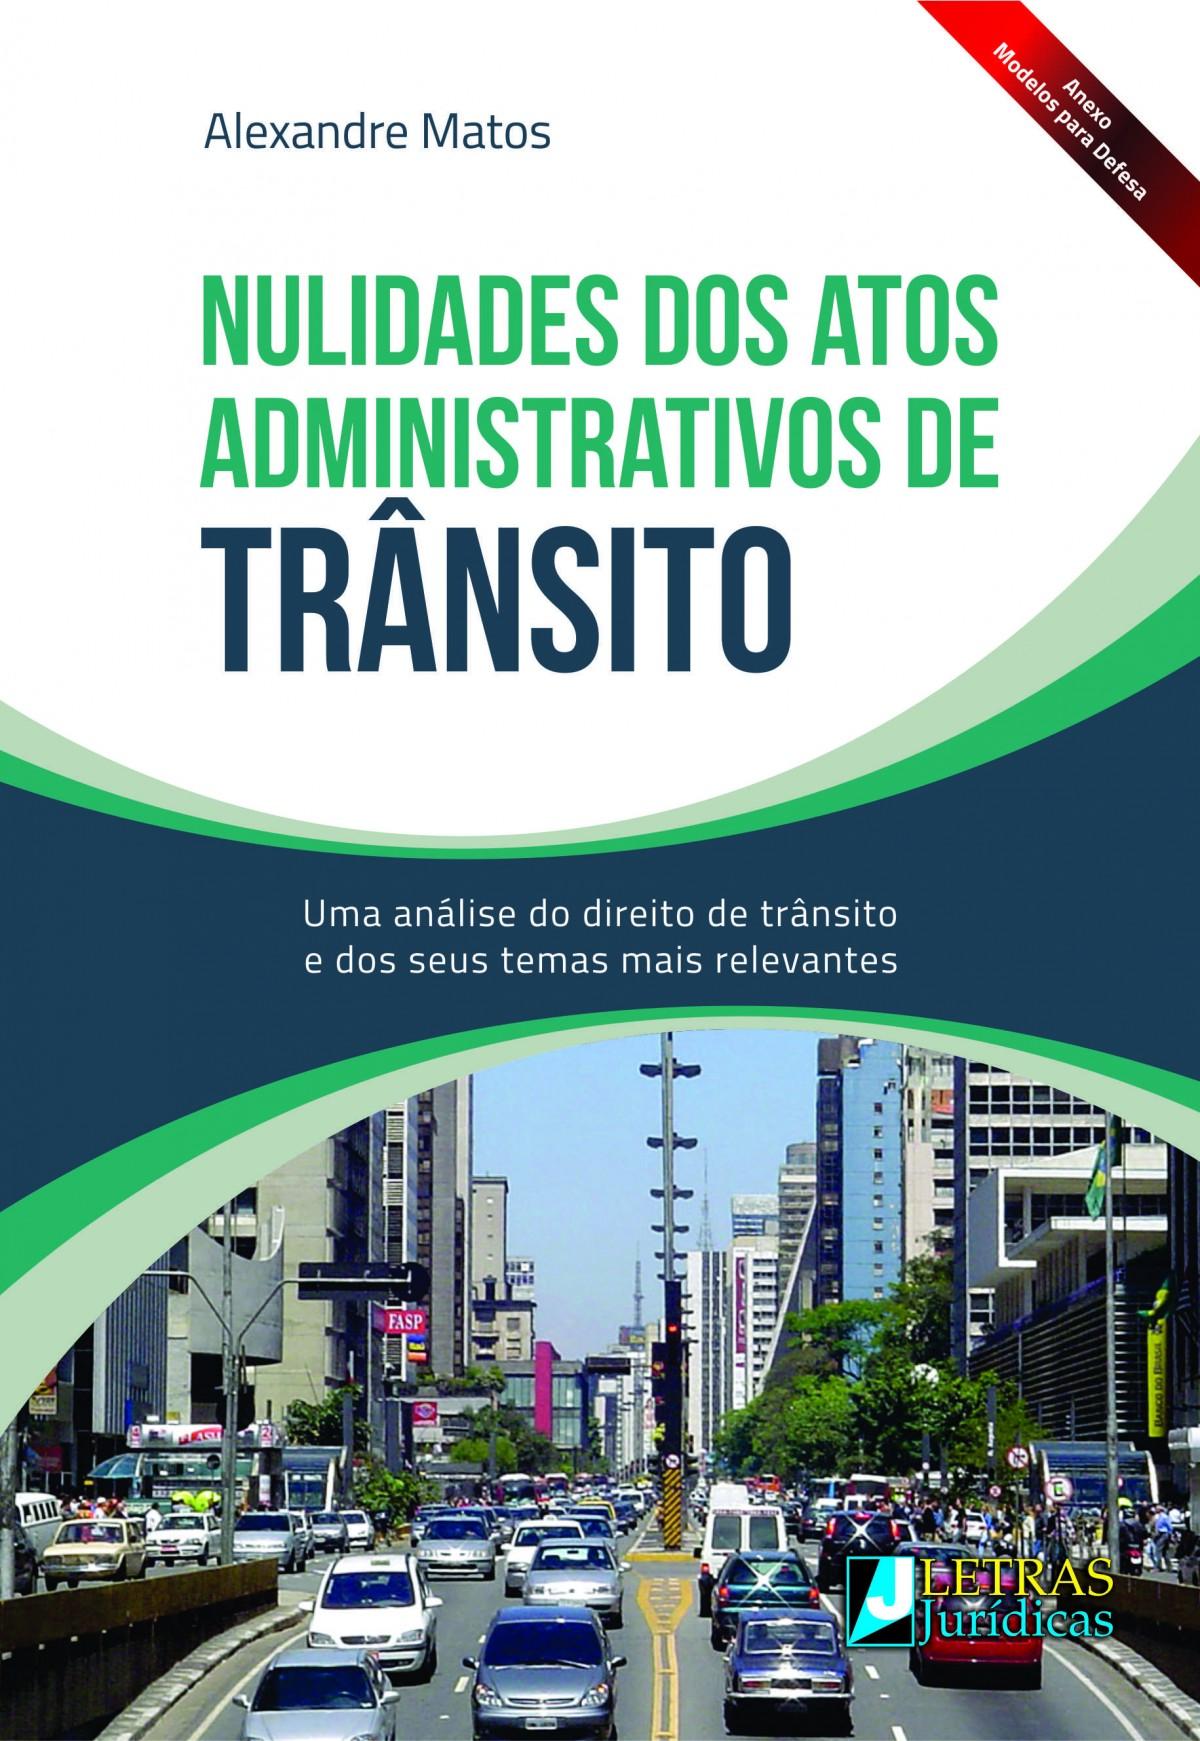 Foto 1 - Nulidades dos Atos Administrativos de Trânsito